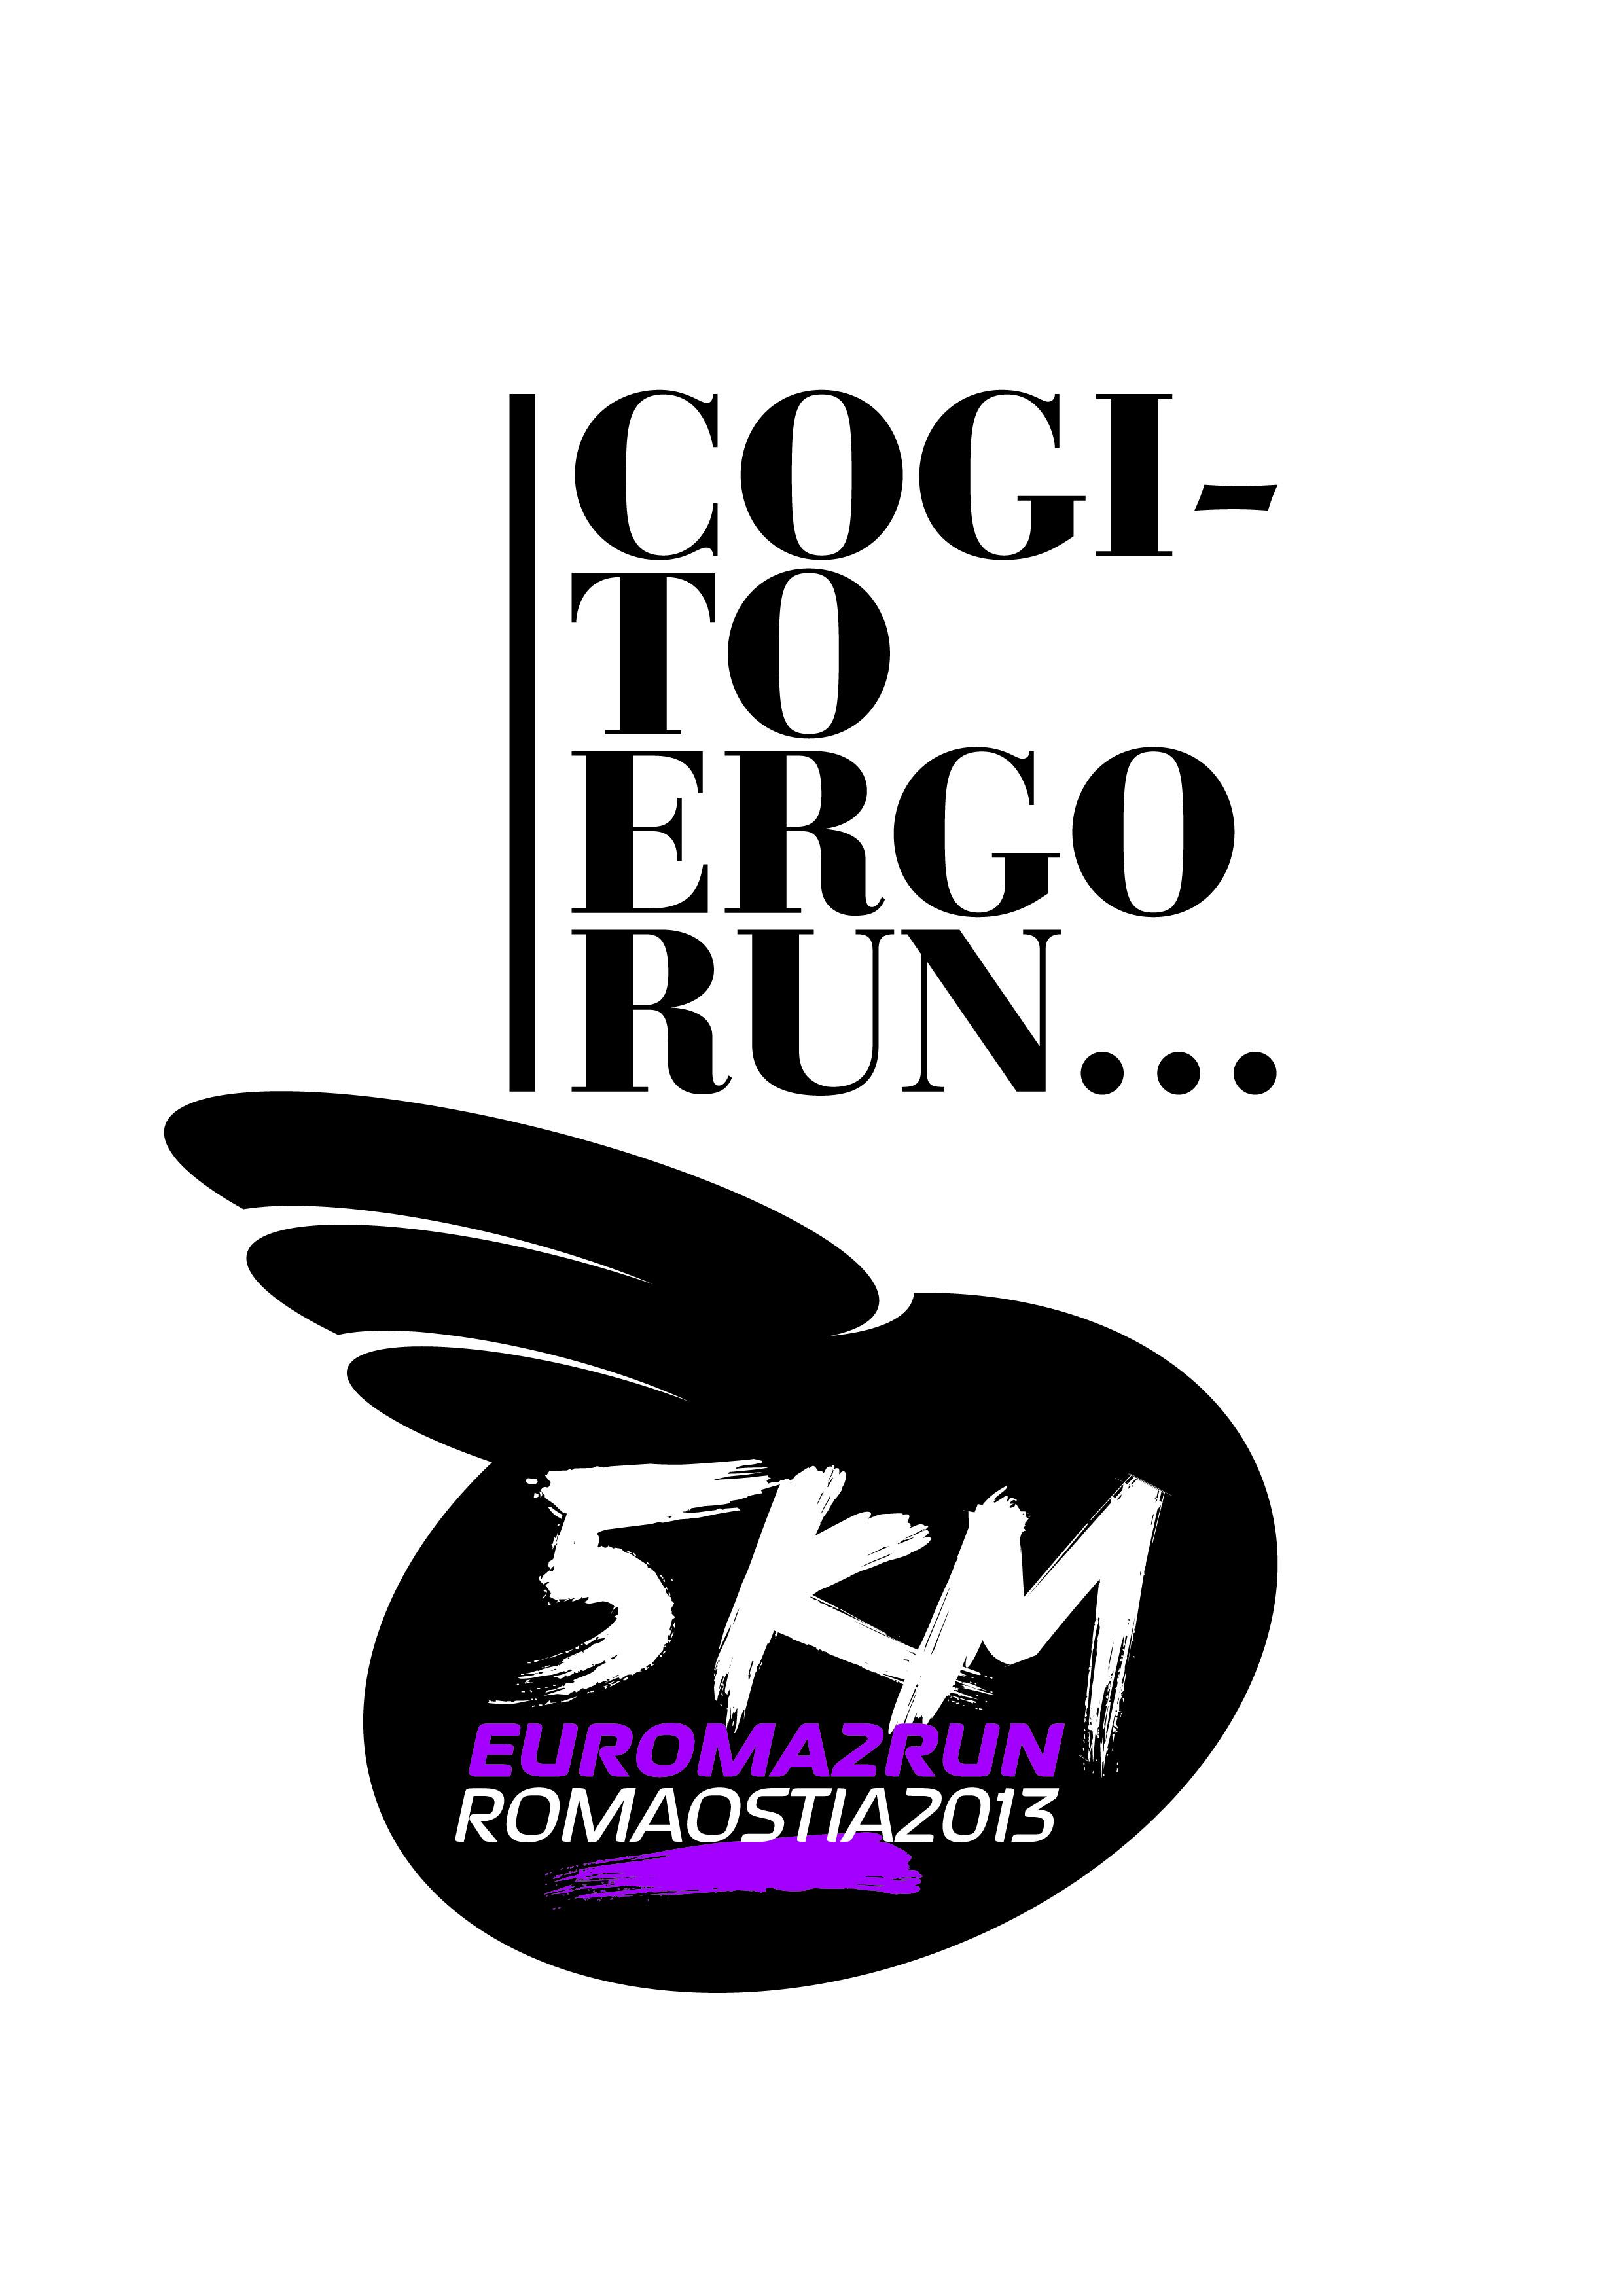 RMO013_5KM_Logo_Nero_r0